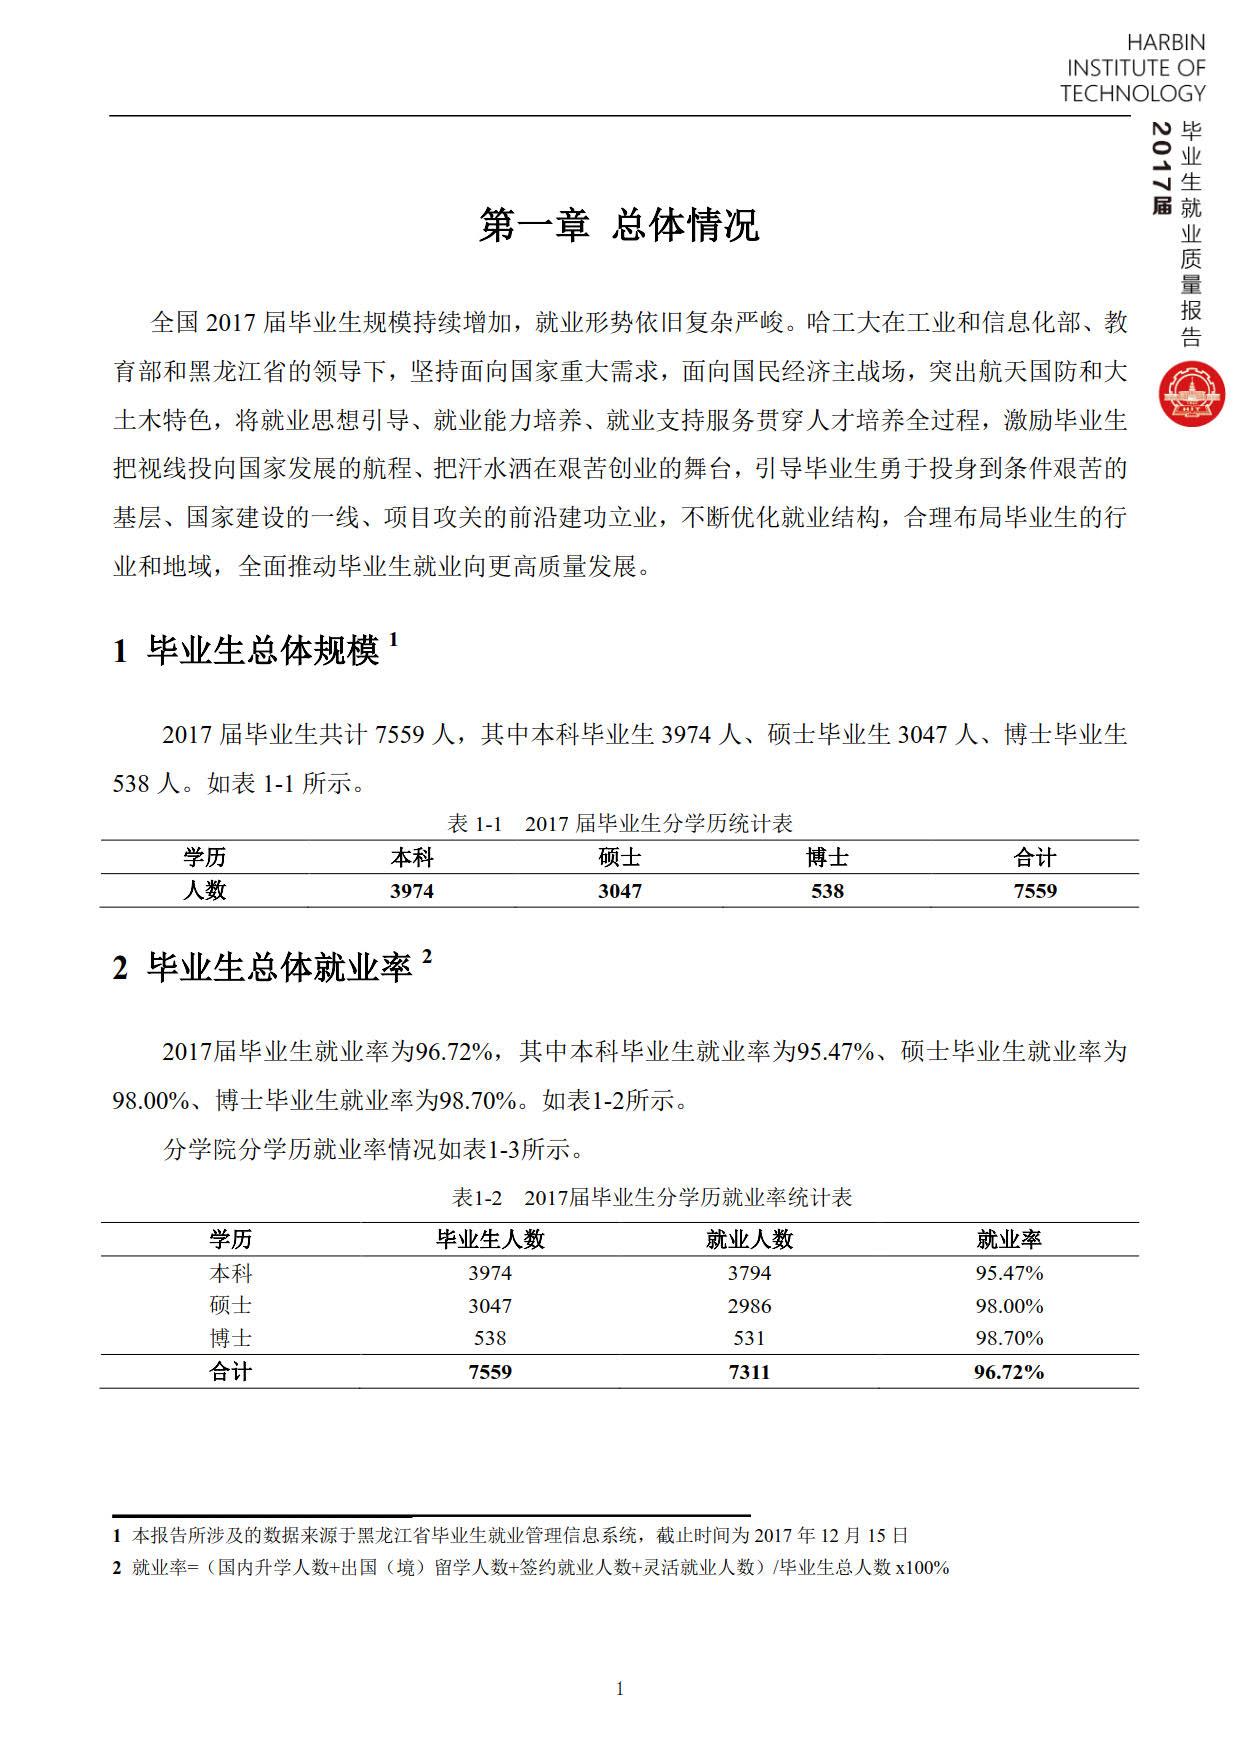 哈尔滨工业大学2017届本科毕业生最终就业情况统计表